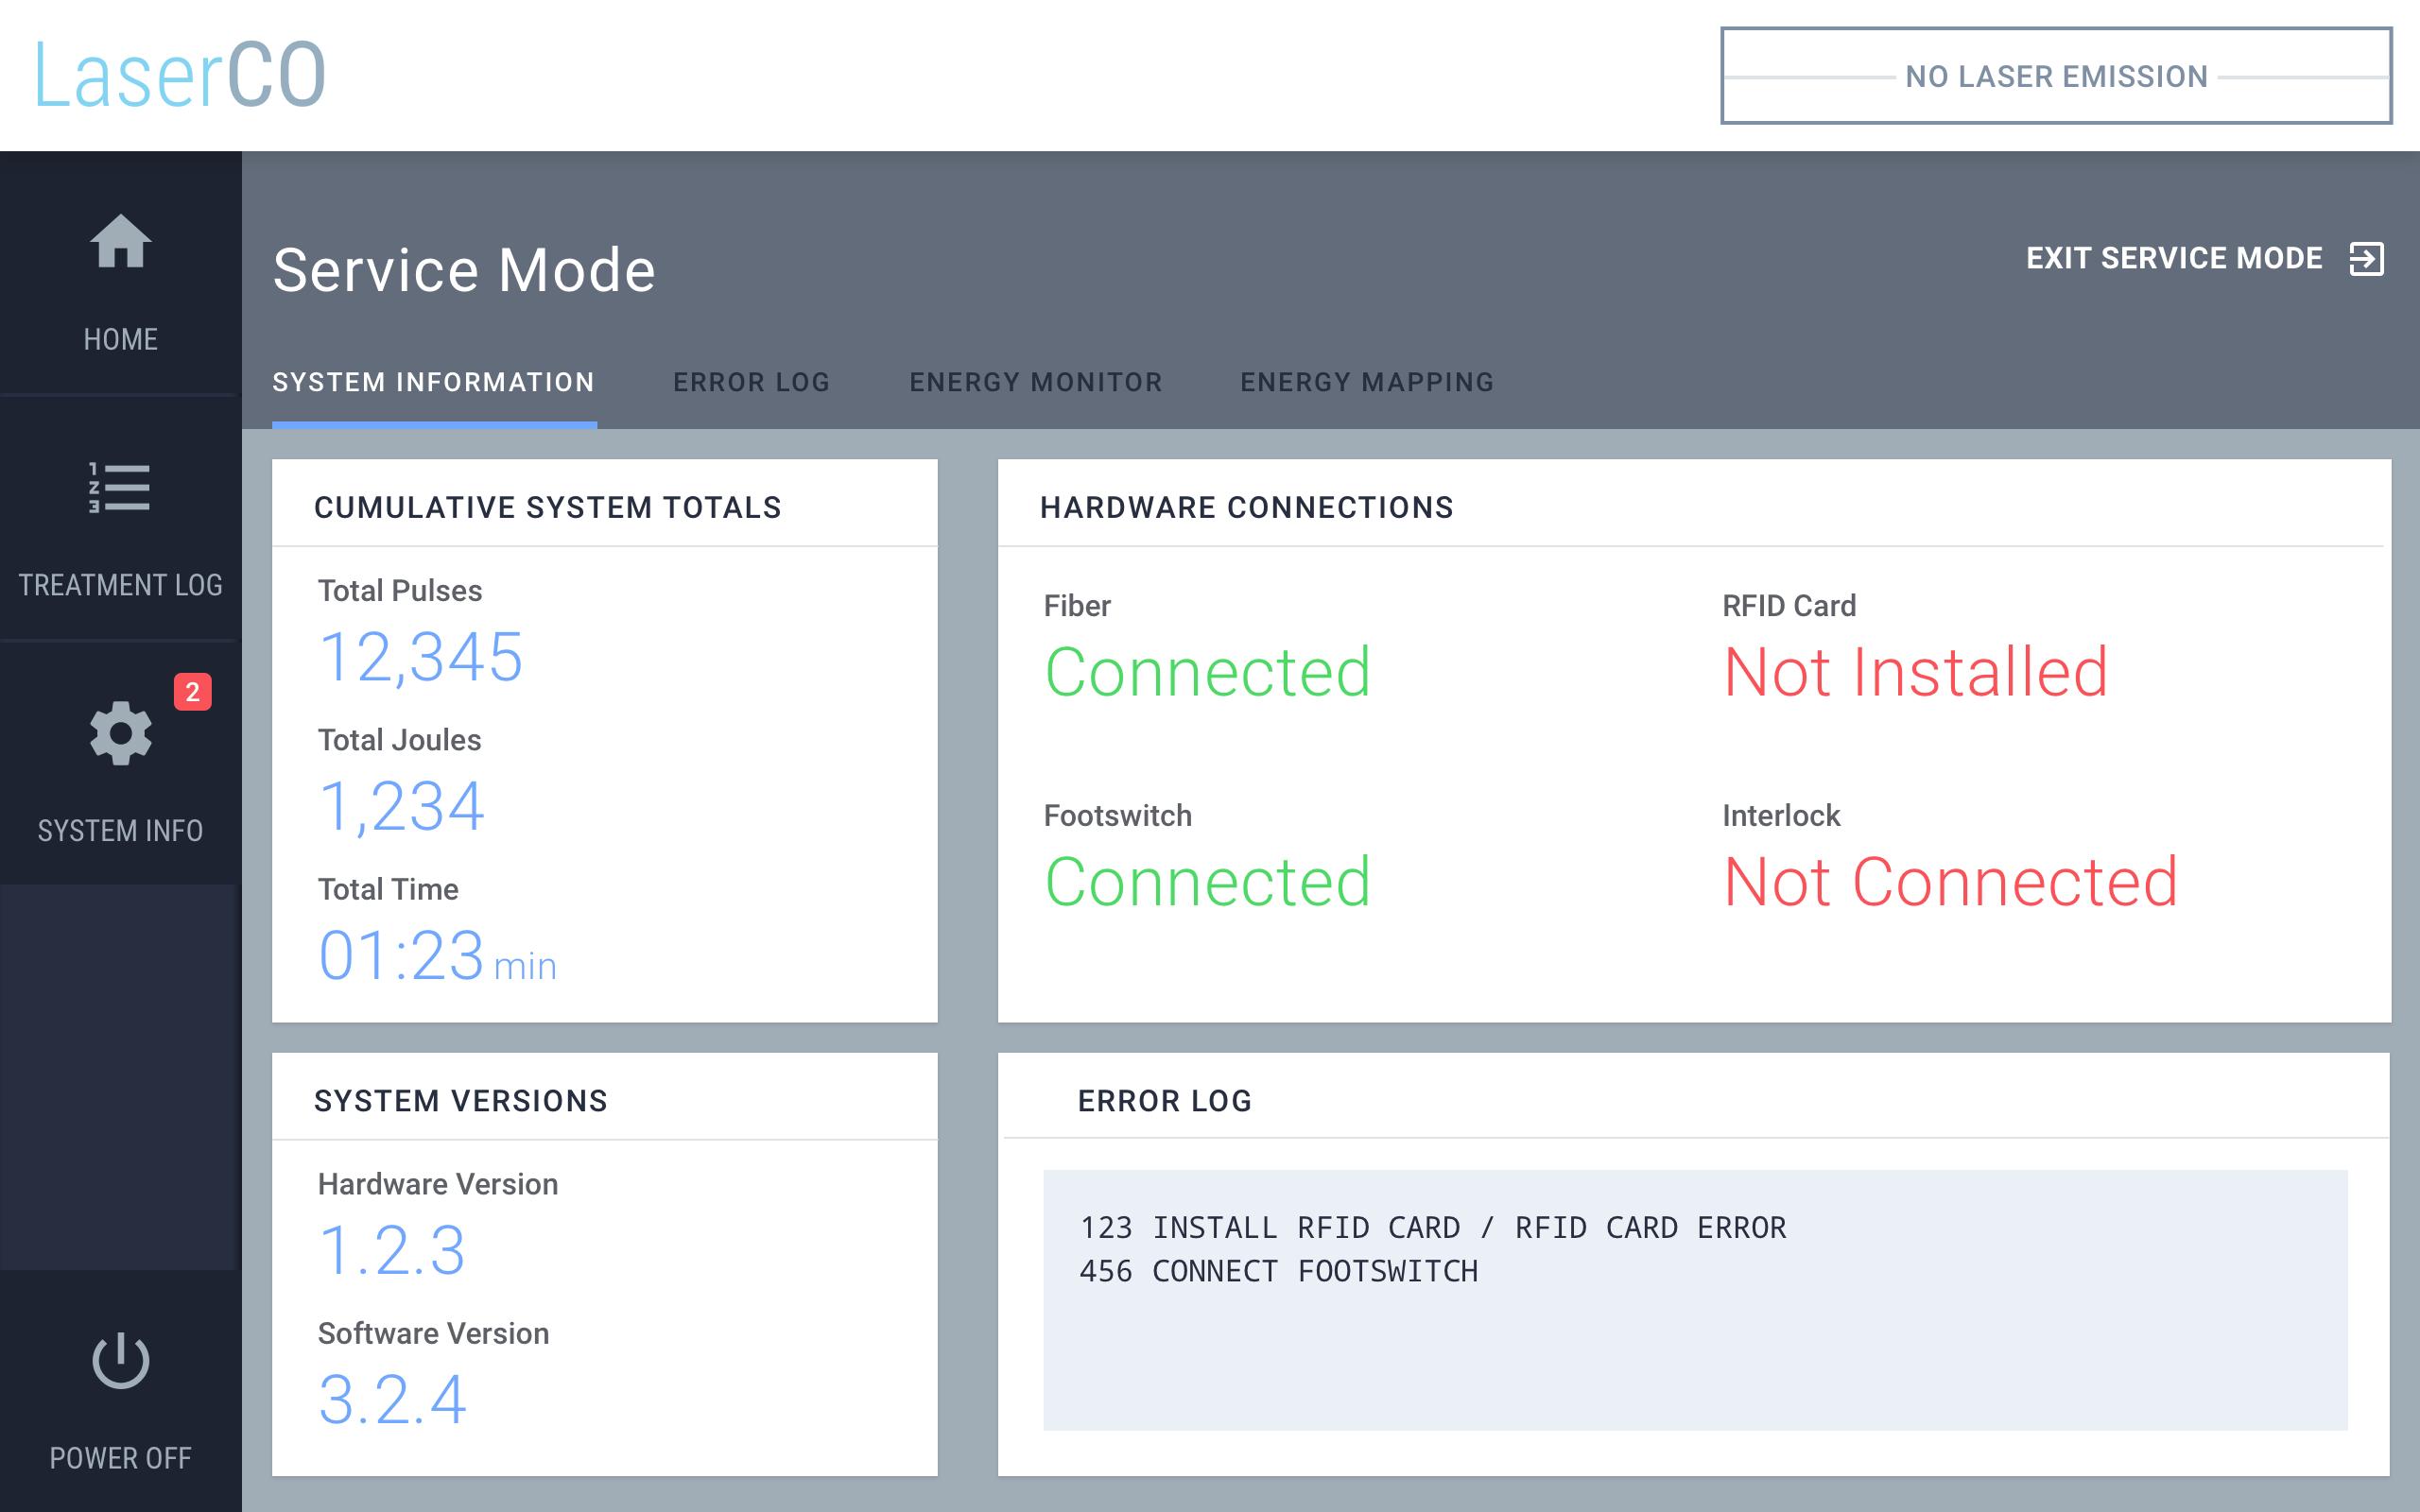 Service Mode - System Info